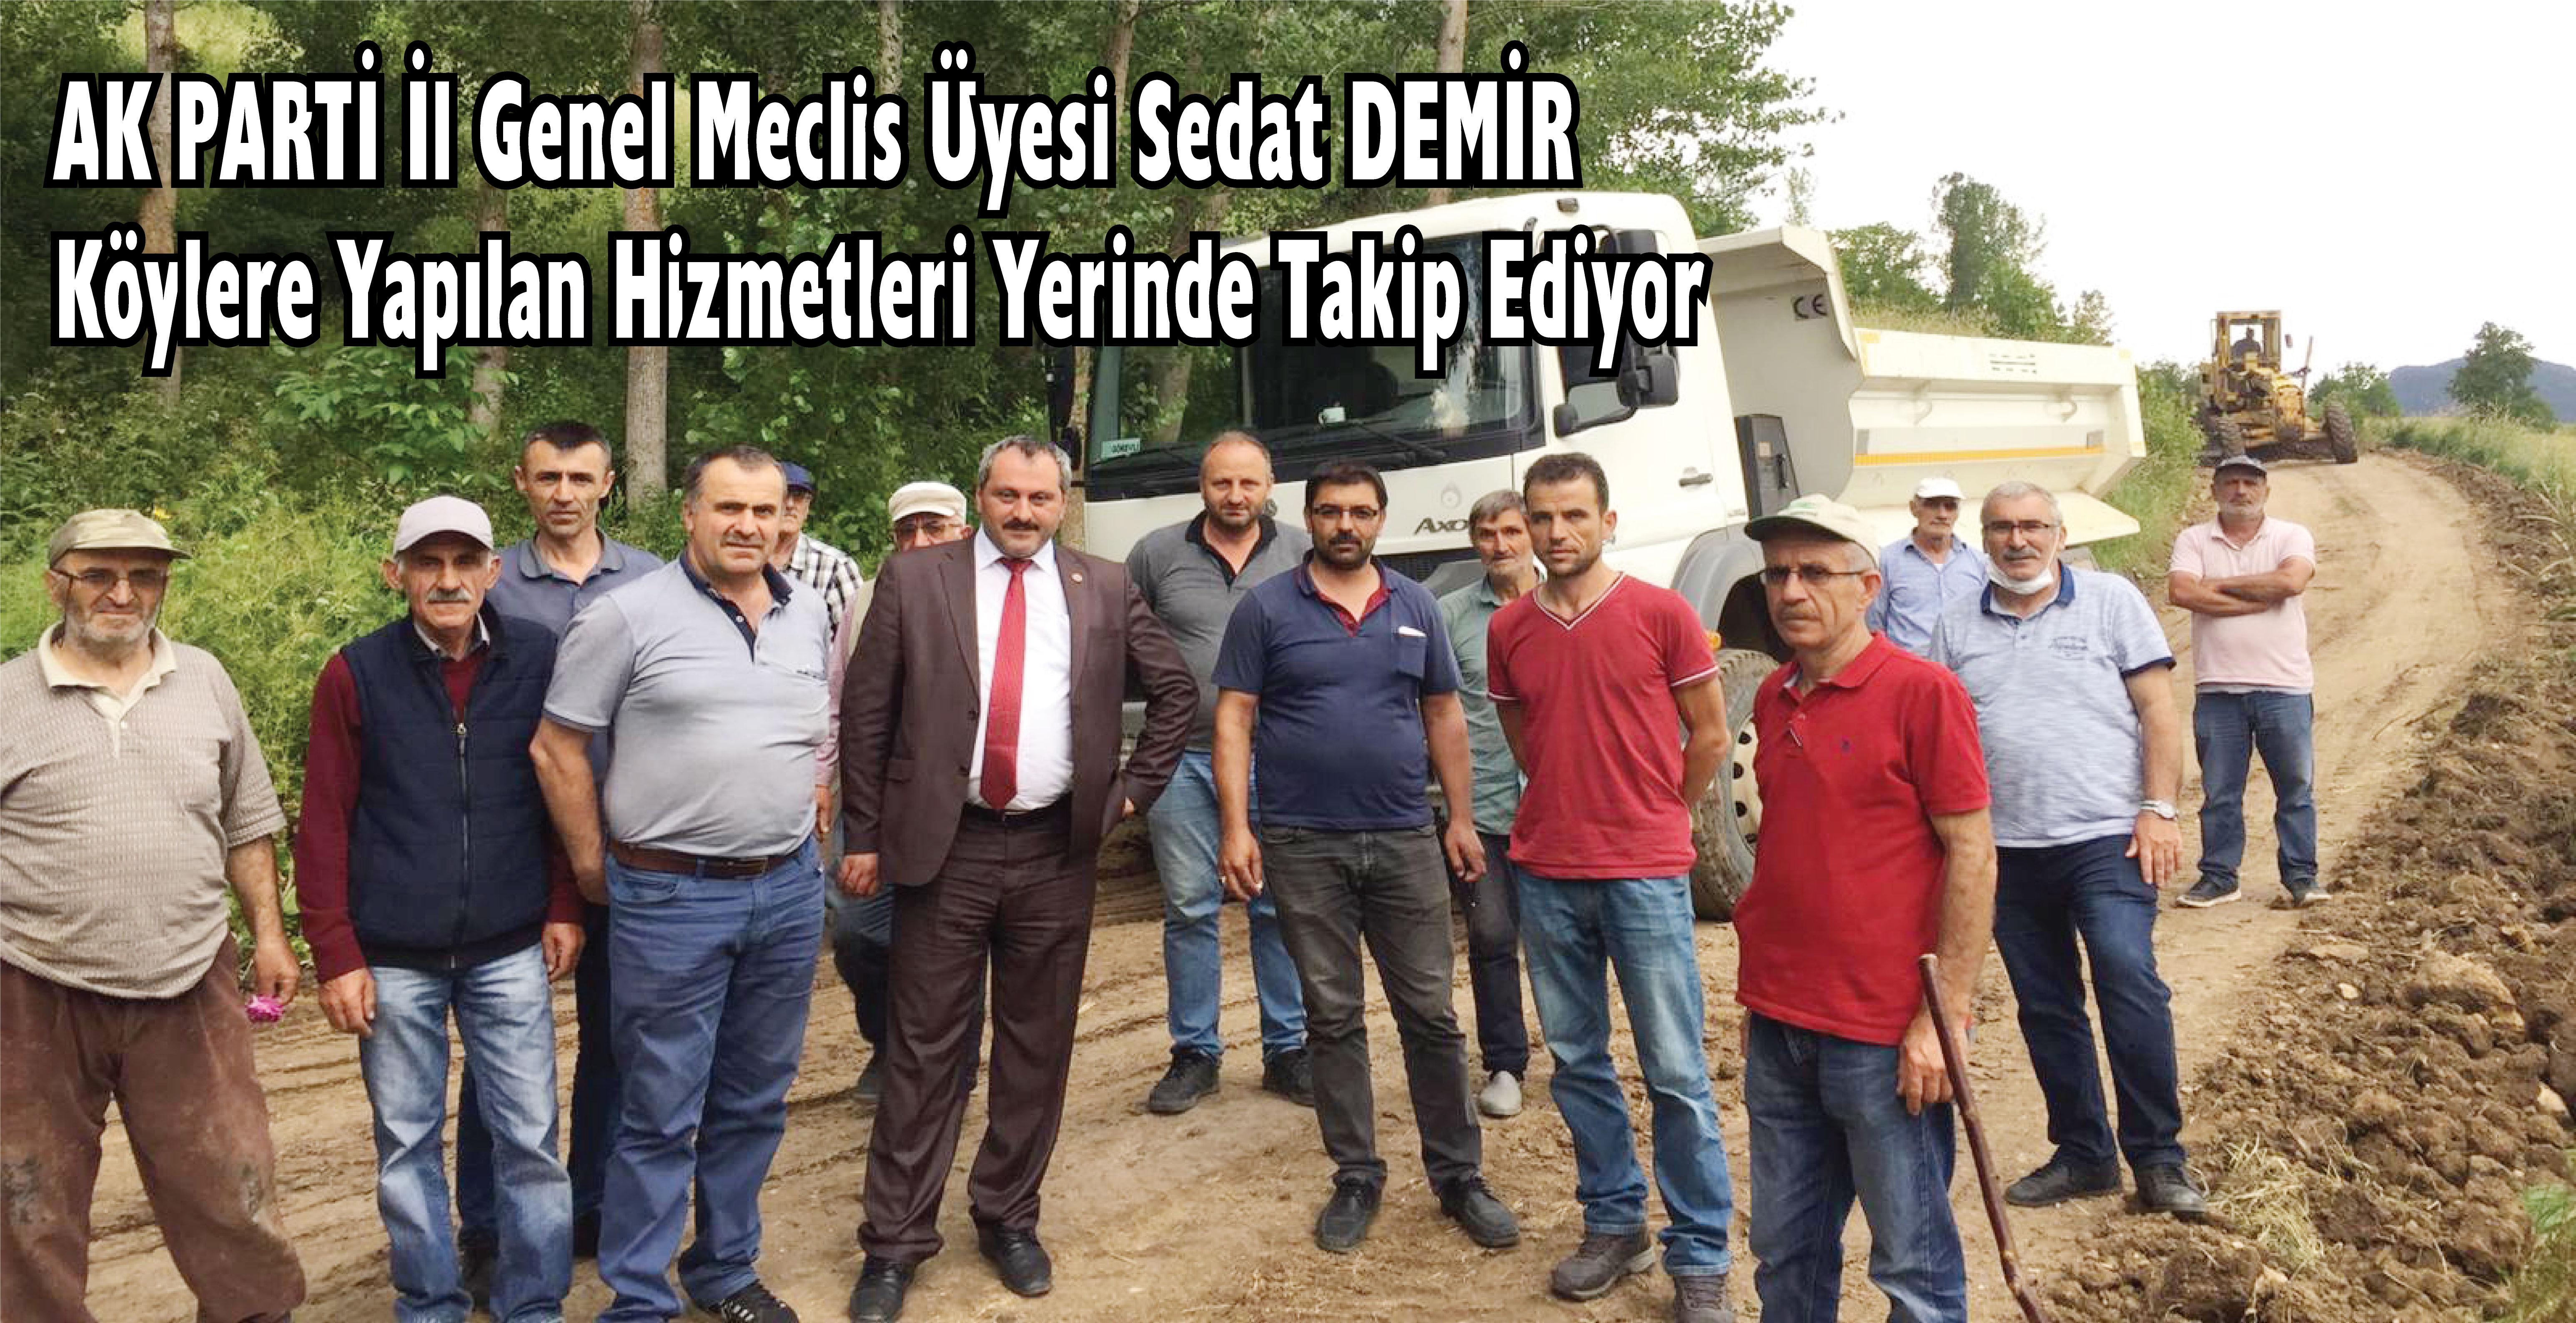 AK Parti İl Genel Meclis Üyesi Sedat DEMİR Köylere Yapılan Hizmetleri Yerinde Takip Ediyor